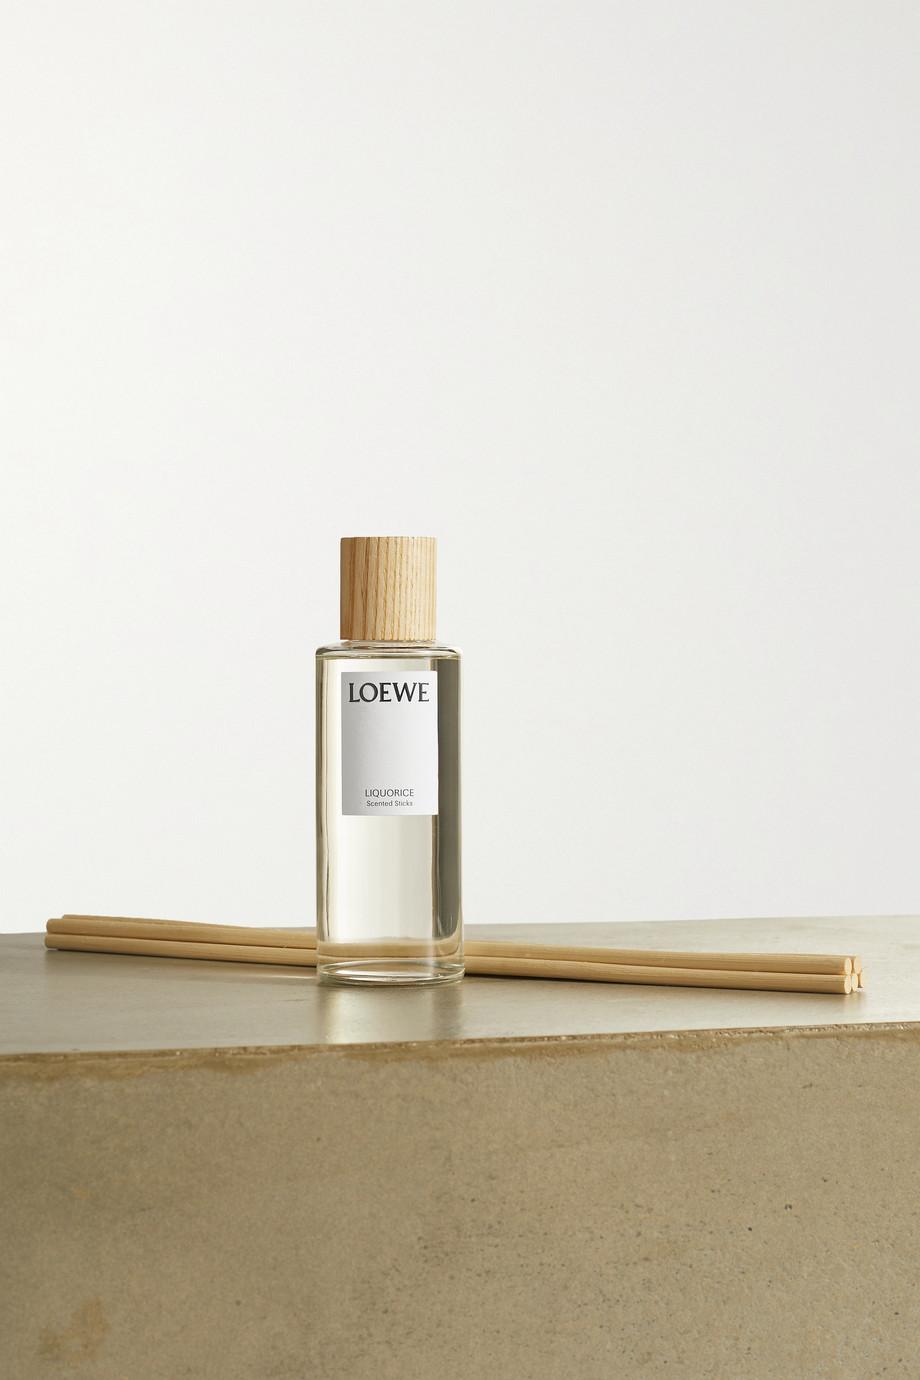 LOEWE Home Scents Recharge pour diffuser de parfum à la réglisse, 245 ml